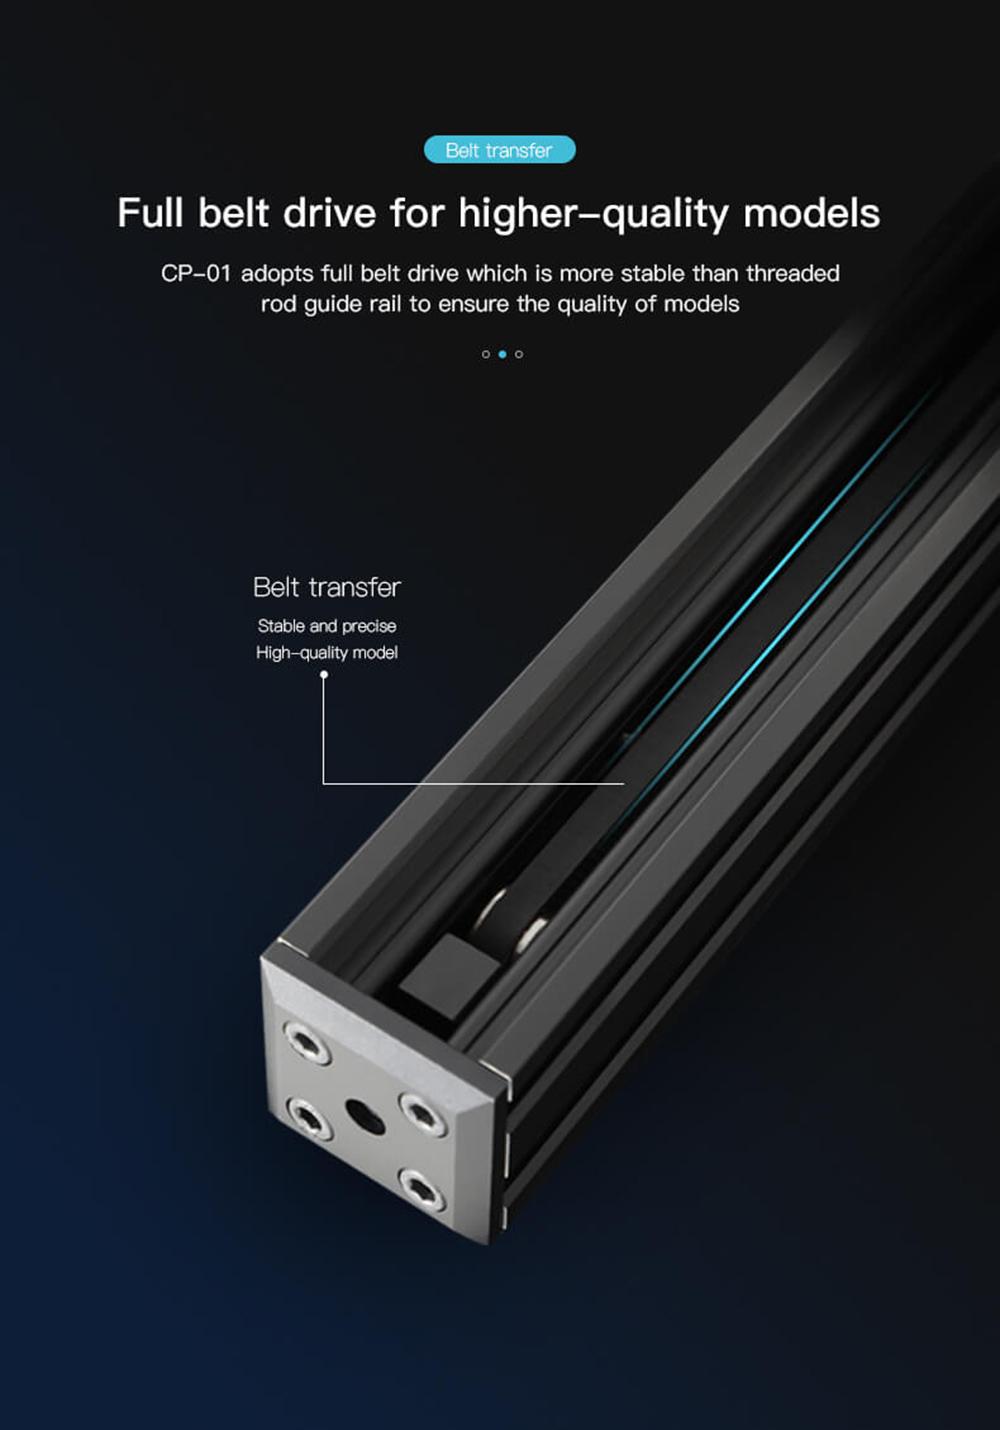 Creality3D CP-01 Multitool 3D-Drucker Bausatz - 200x200x200mm - Zahnriemen Antrieb für höhere Präzision